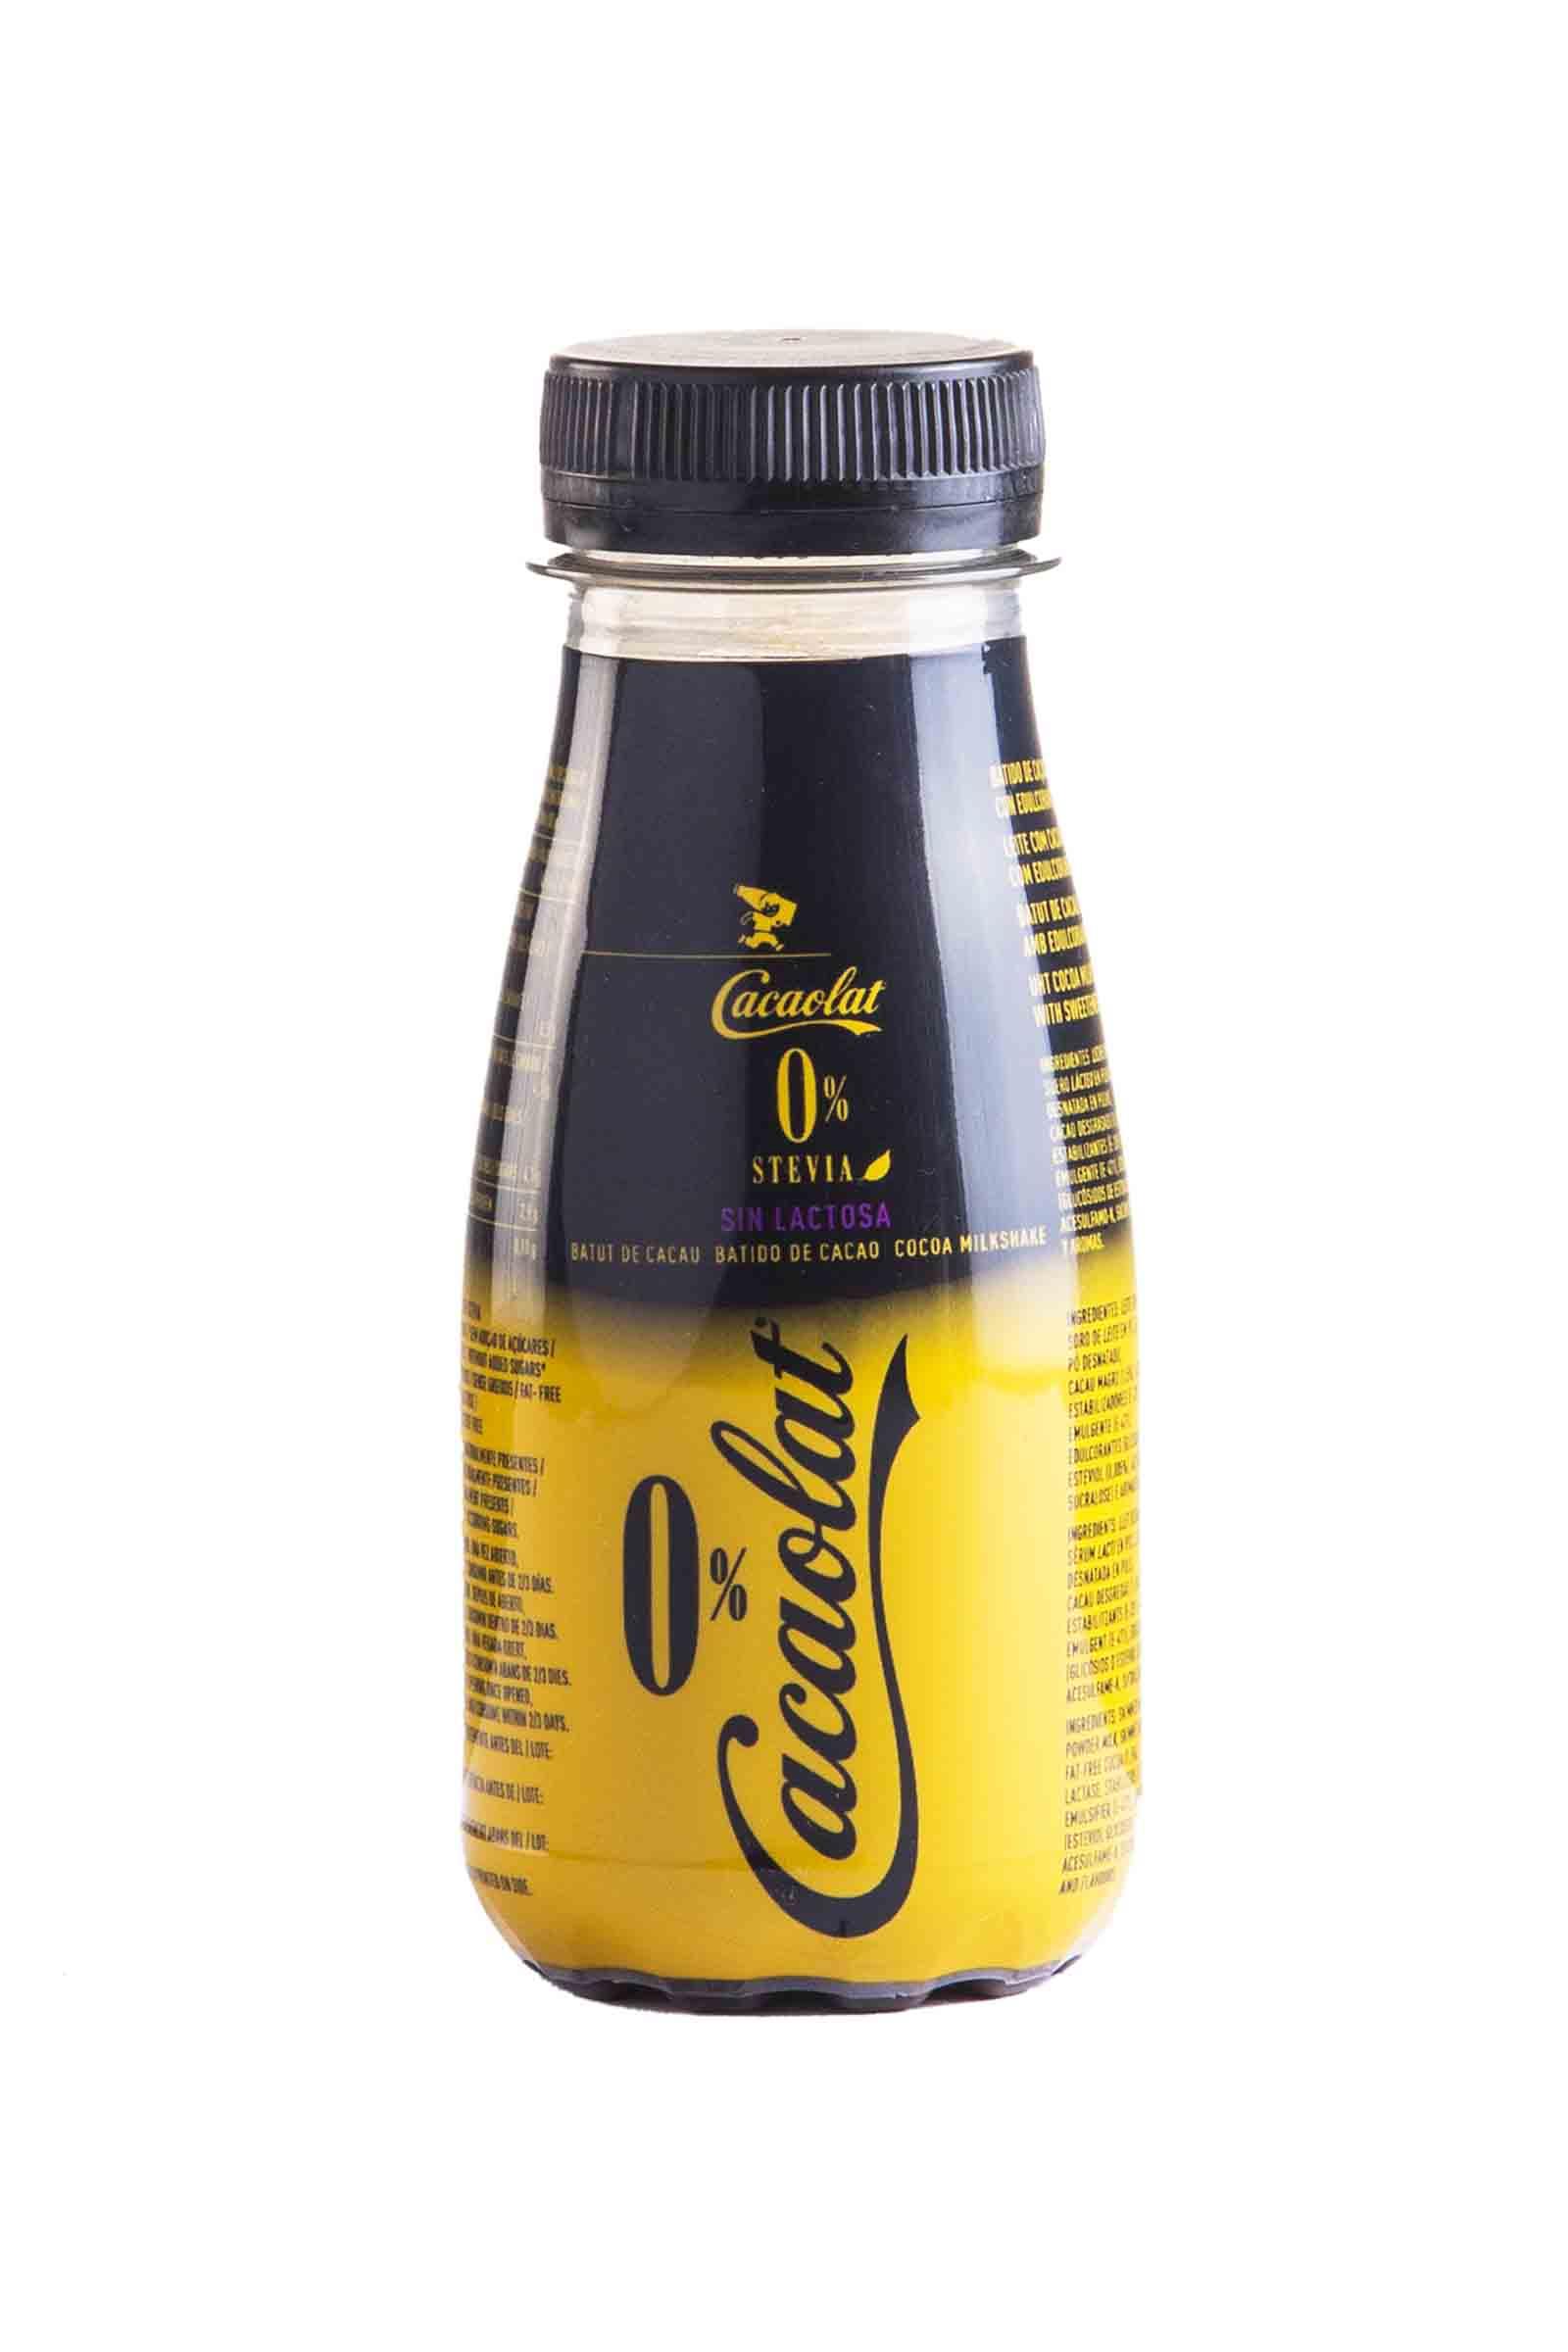 Cacaolat 0% 200ml